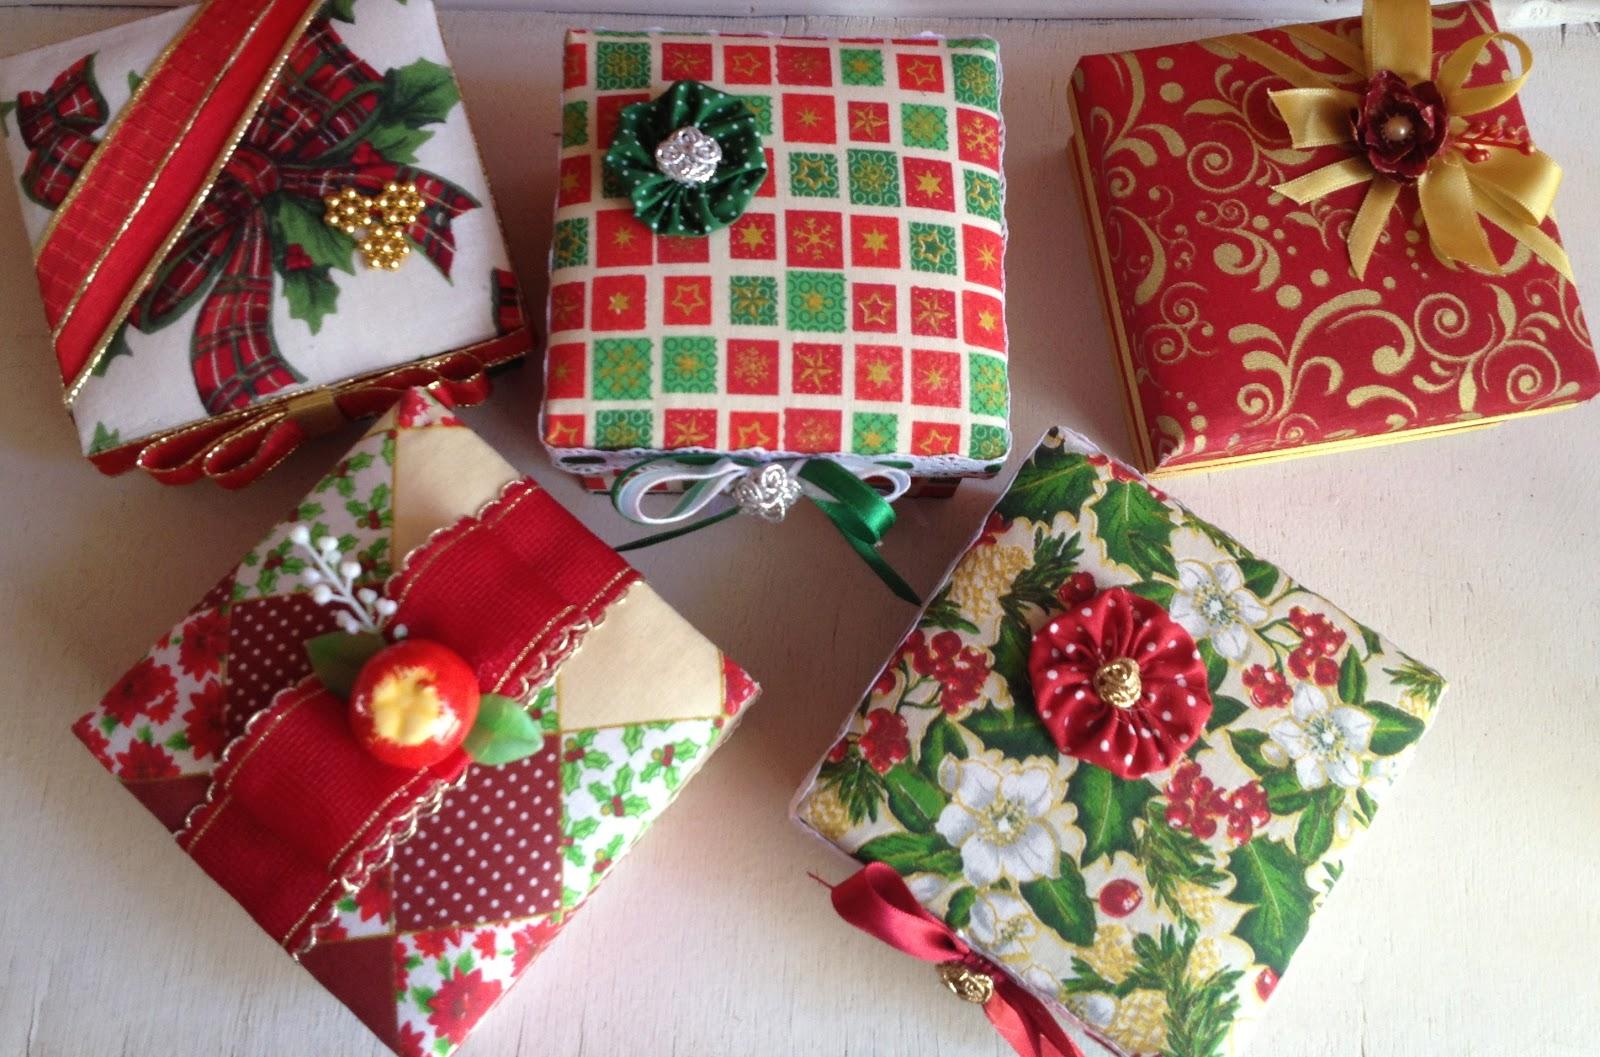 Atelie e arte: Caixas de madeira para presente Motivos natalinos #A4272F 1600x1057